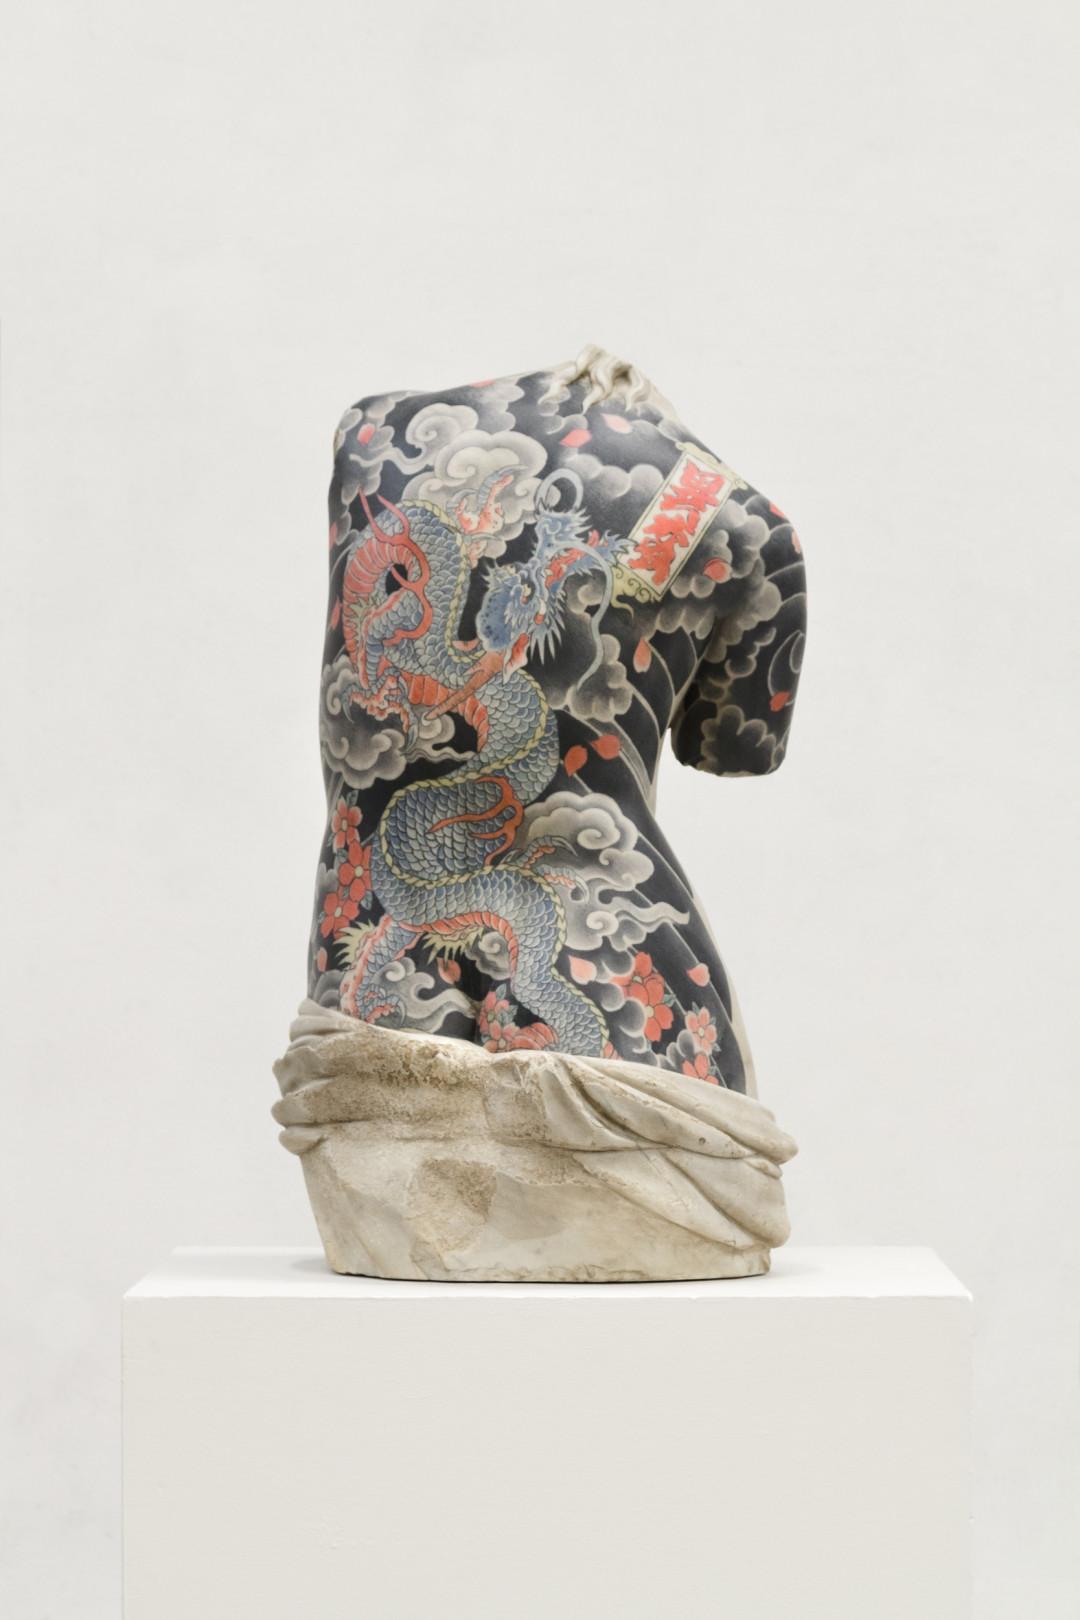 venus-2016-marmo-bianco-e-pigmenti-cm-79x43x36-8695